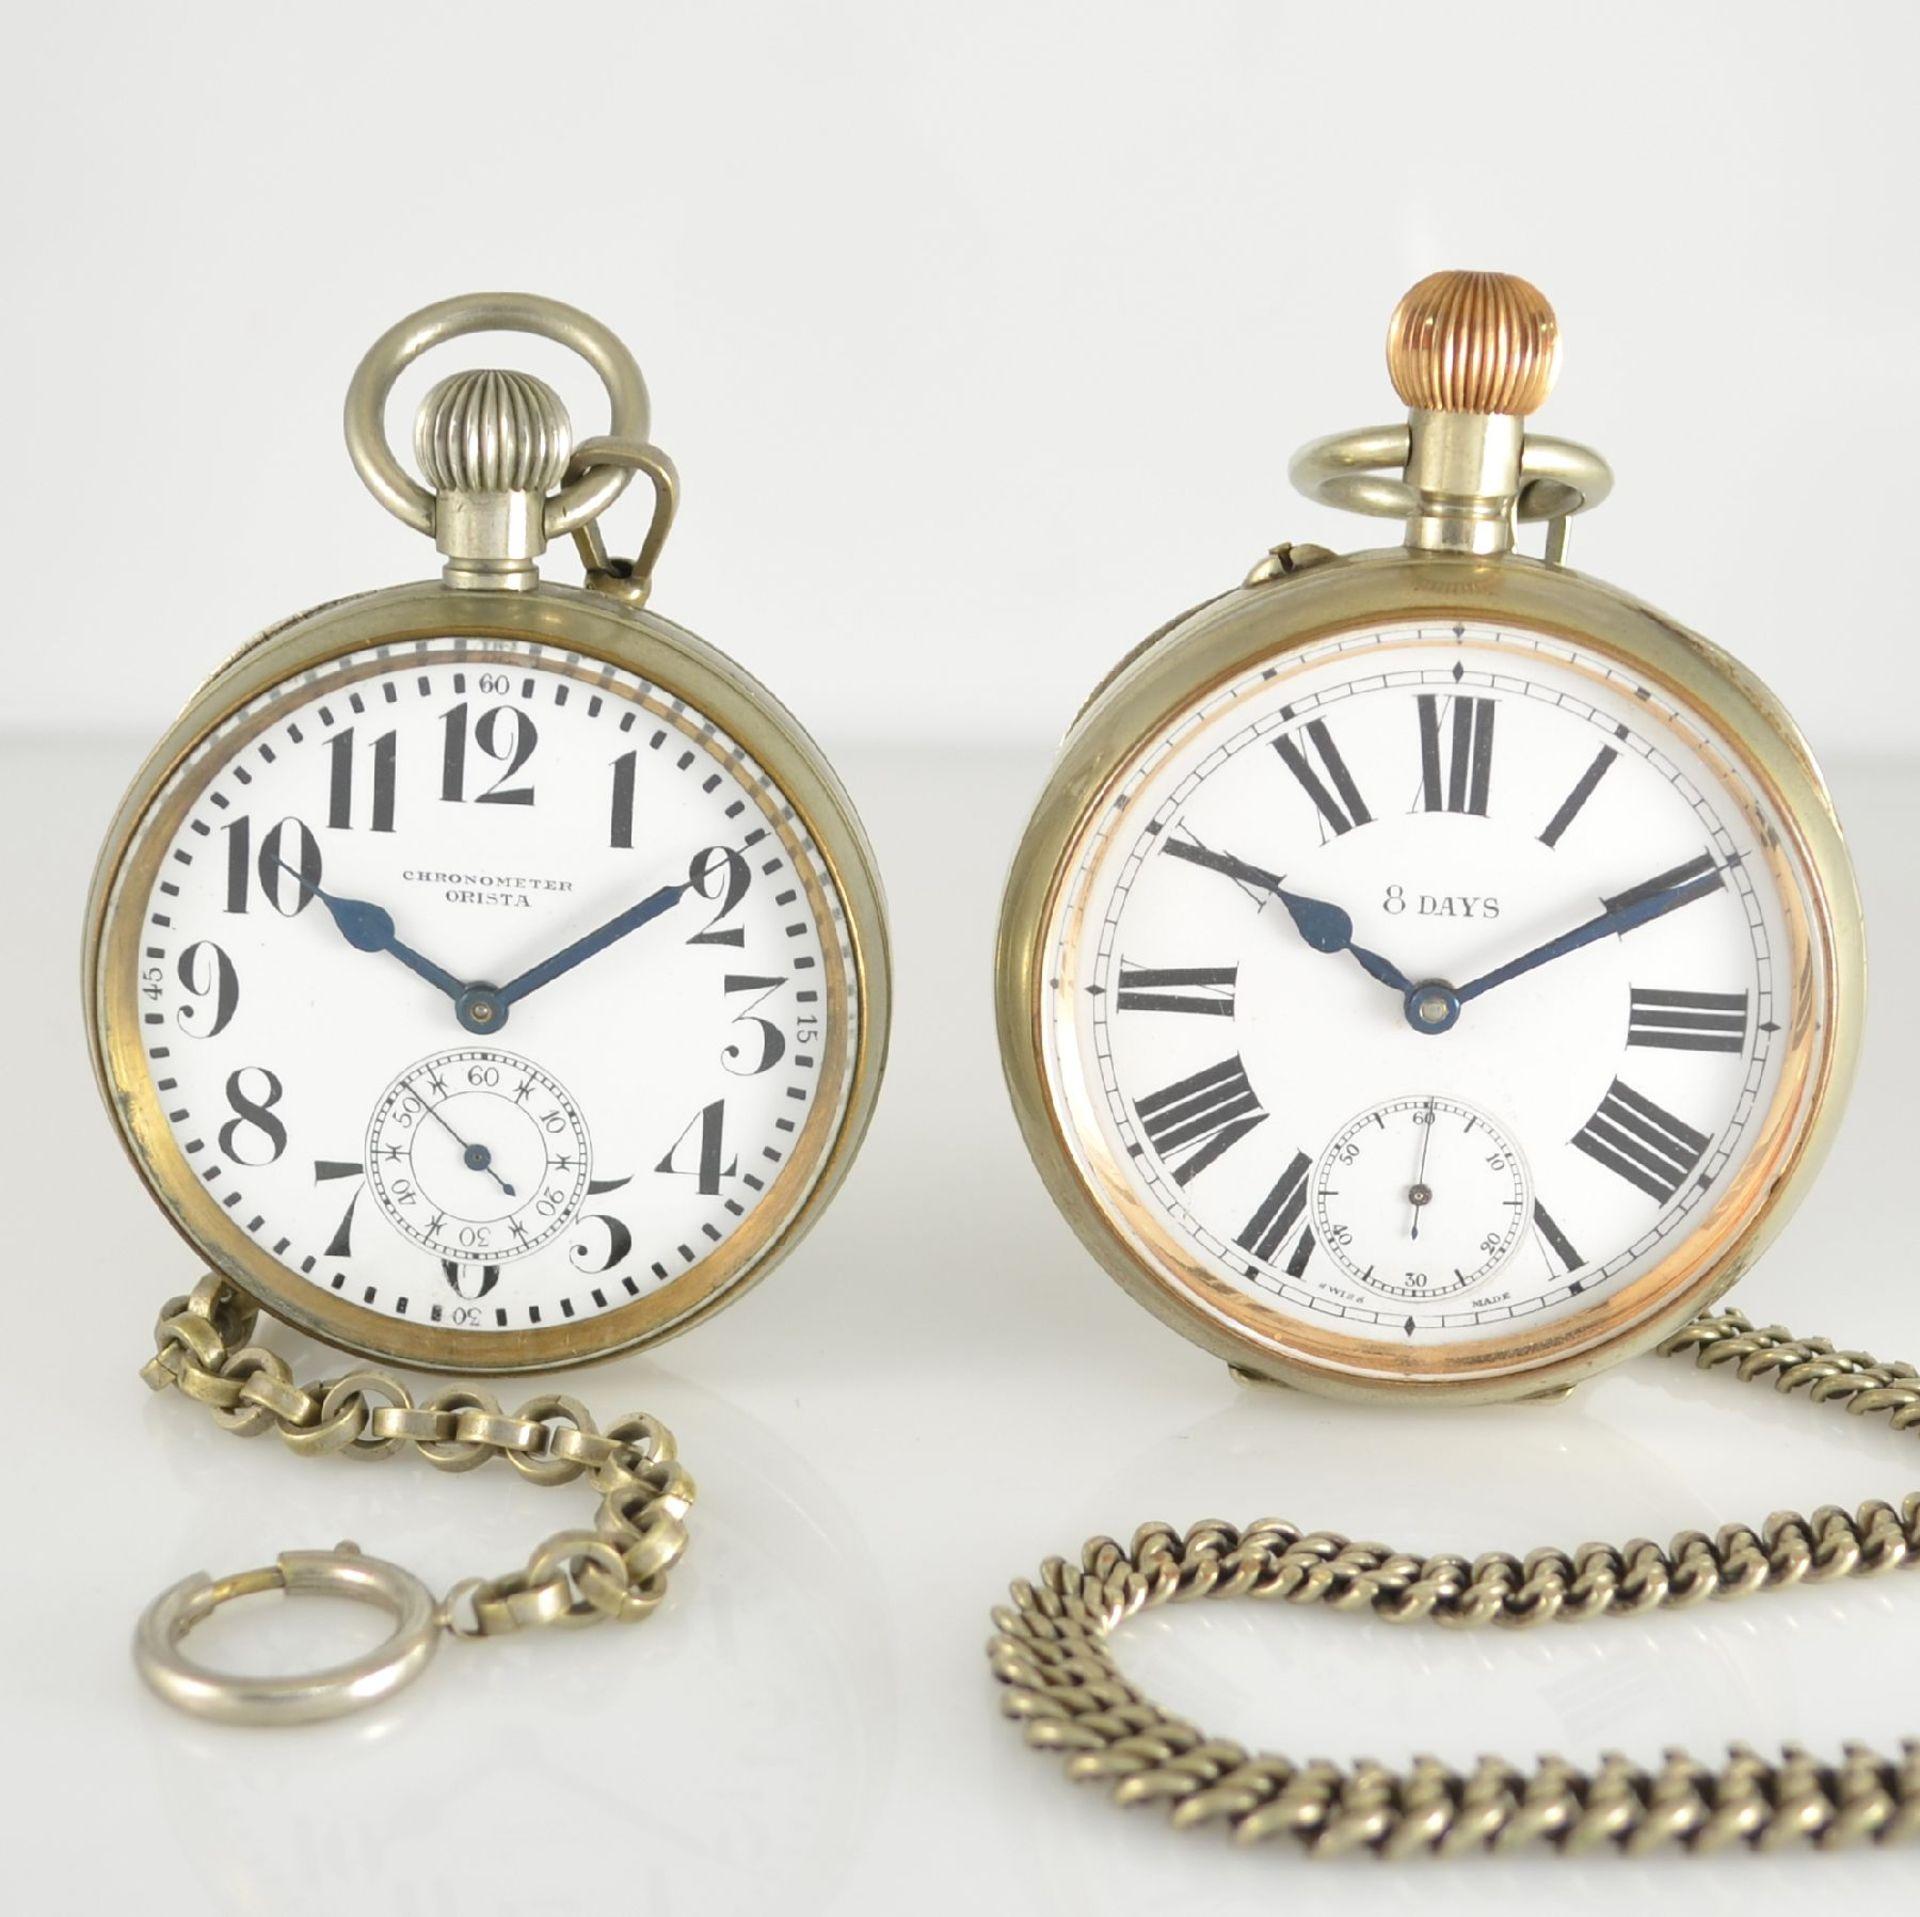 Konvolut: 2 große Herrentaschenuhren, Schweiz um 1900, beide Nickelgehäuse, mit Emailzifferbl. &